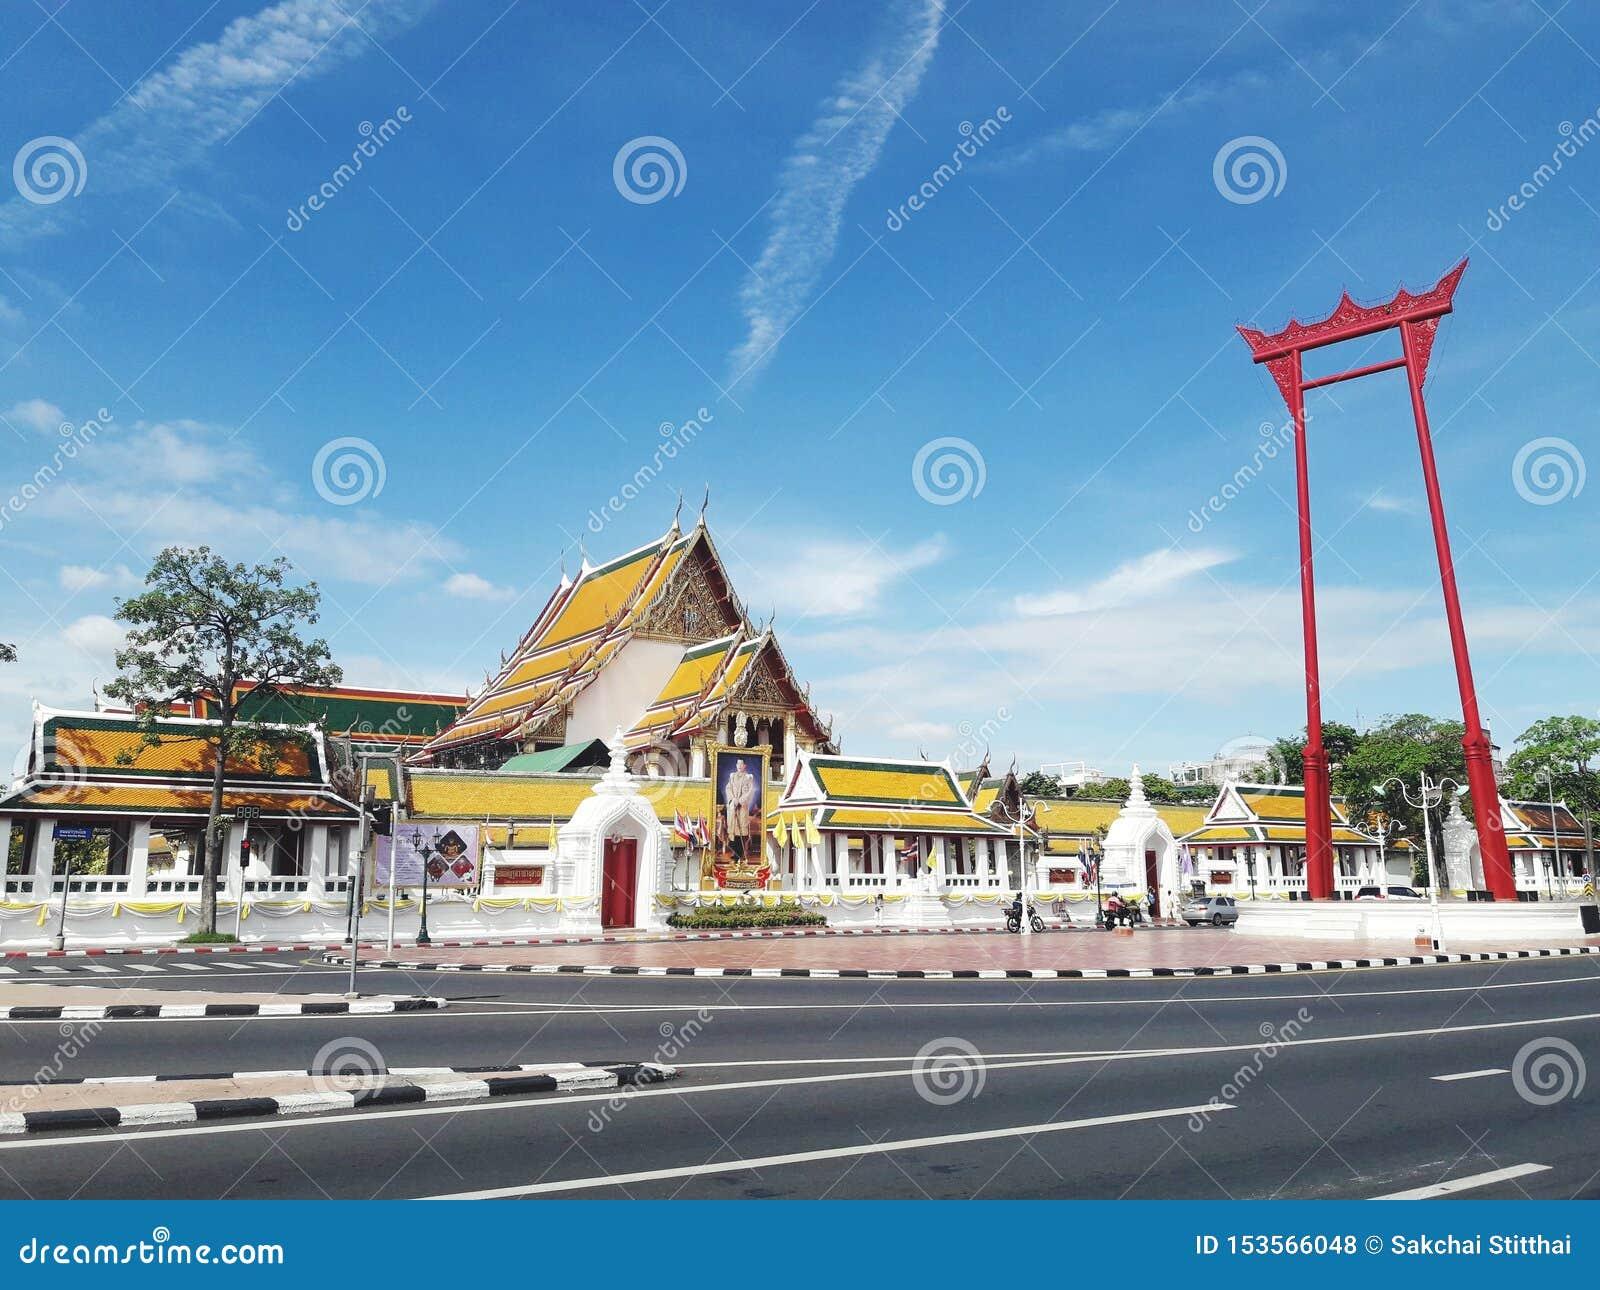 Η γιγαντιαία ταλάντευση ( Σάο Ching Cha)  είναι μια θρησκευτική δομή στη Μπανγκόκ, Ταϊλάνδη